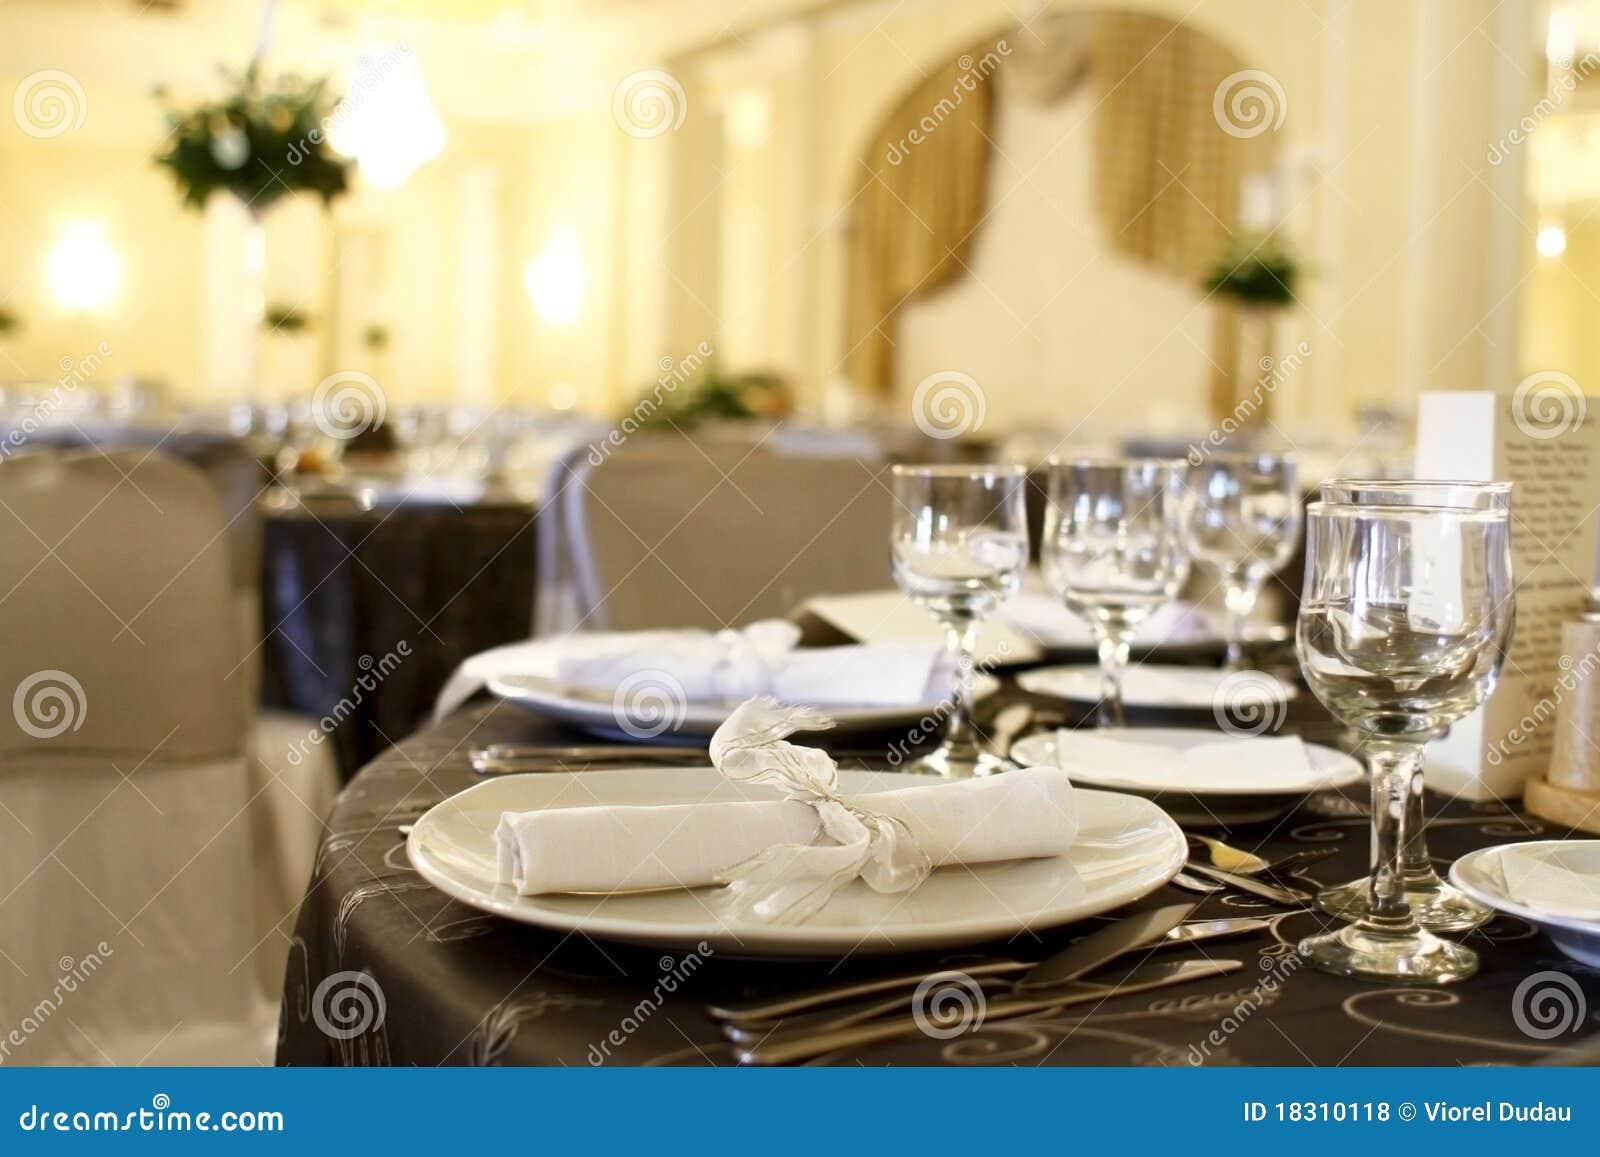 De decoratie van de gebeurtenis op lijst royalty vrije stock foto 39 s beeld 18310118 - Nachtclub decoratie ...